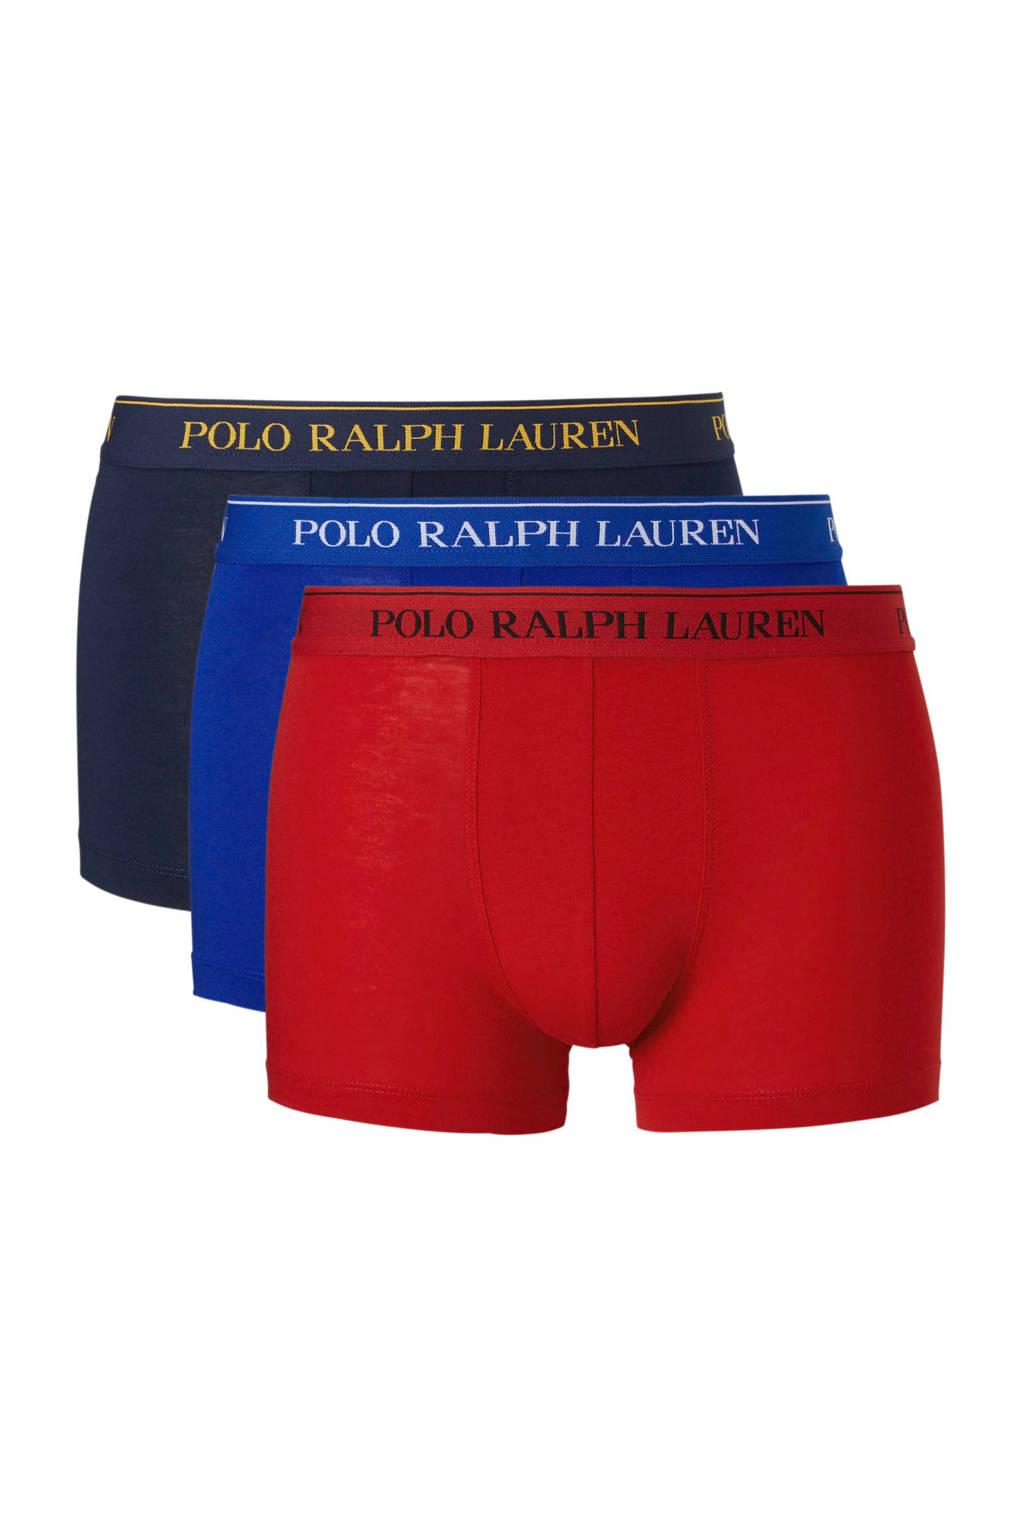 POLO Ralph Lauren boxershort (set van 3), Blauw/donkerblauw/rood